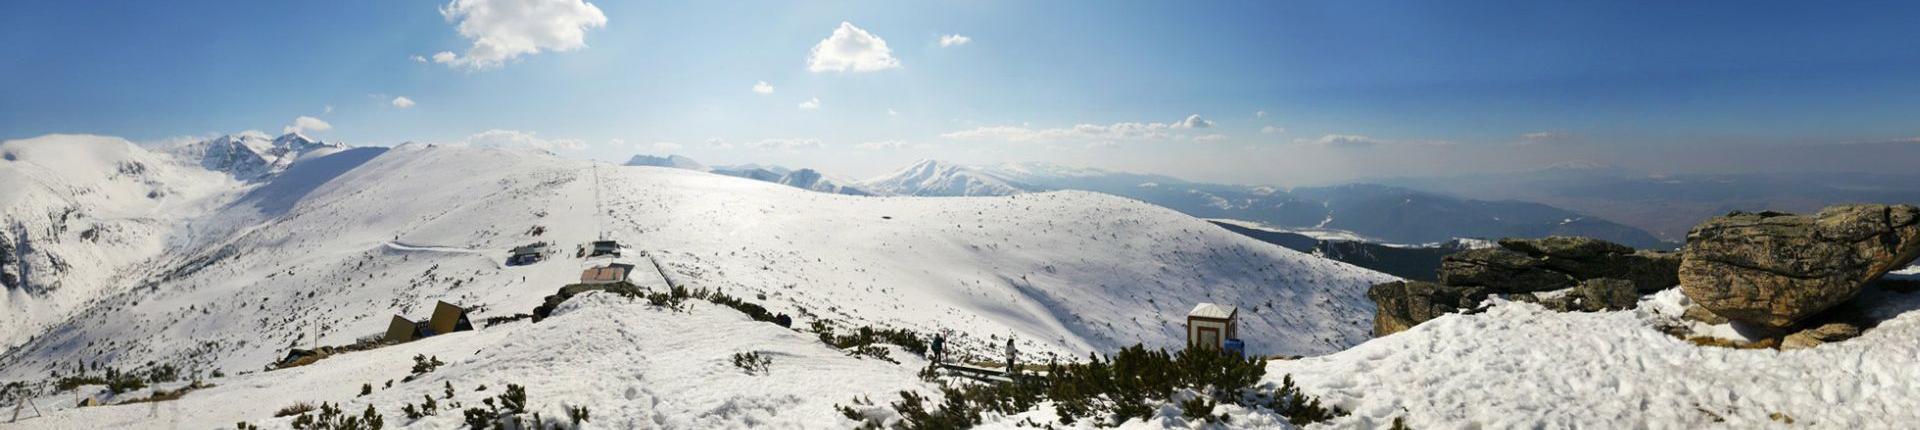 סקי בבורובץ